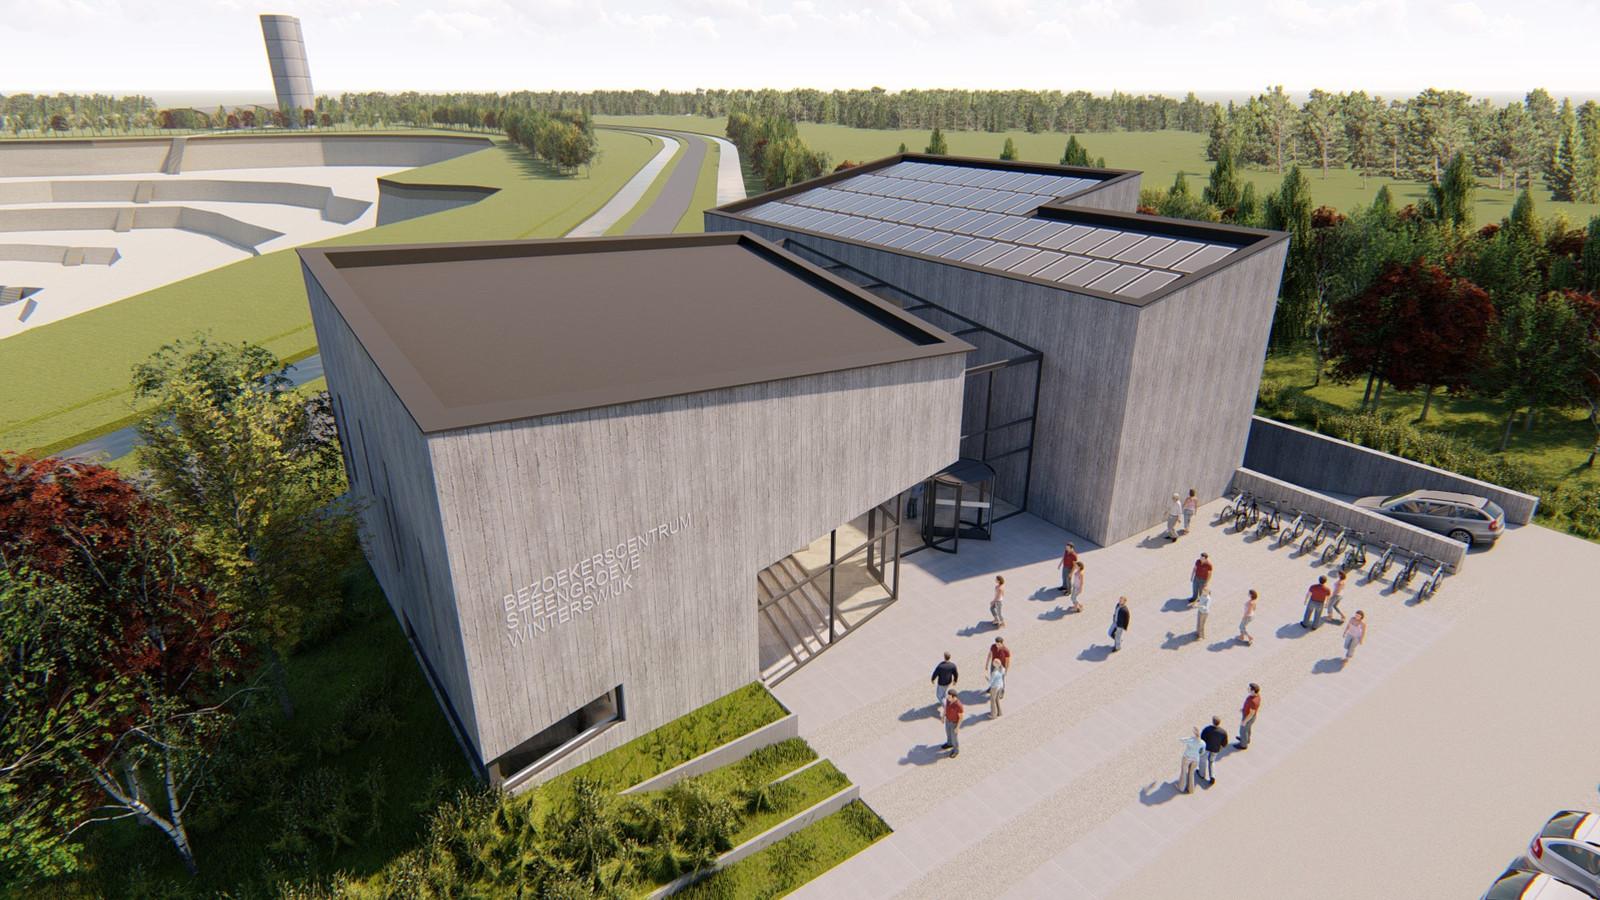 Een voorlopig ontwerp van het bezoekerscentrum bij de steengroeve, op de achtergrond te zien.